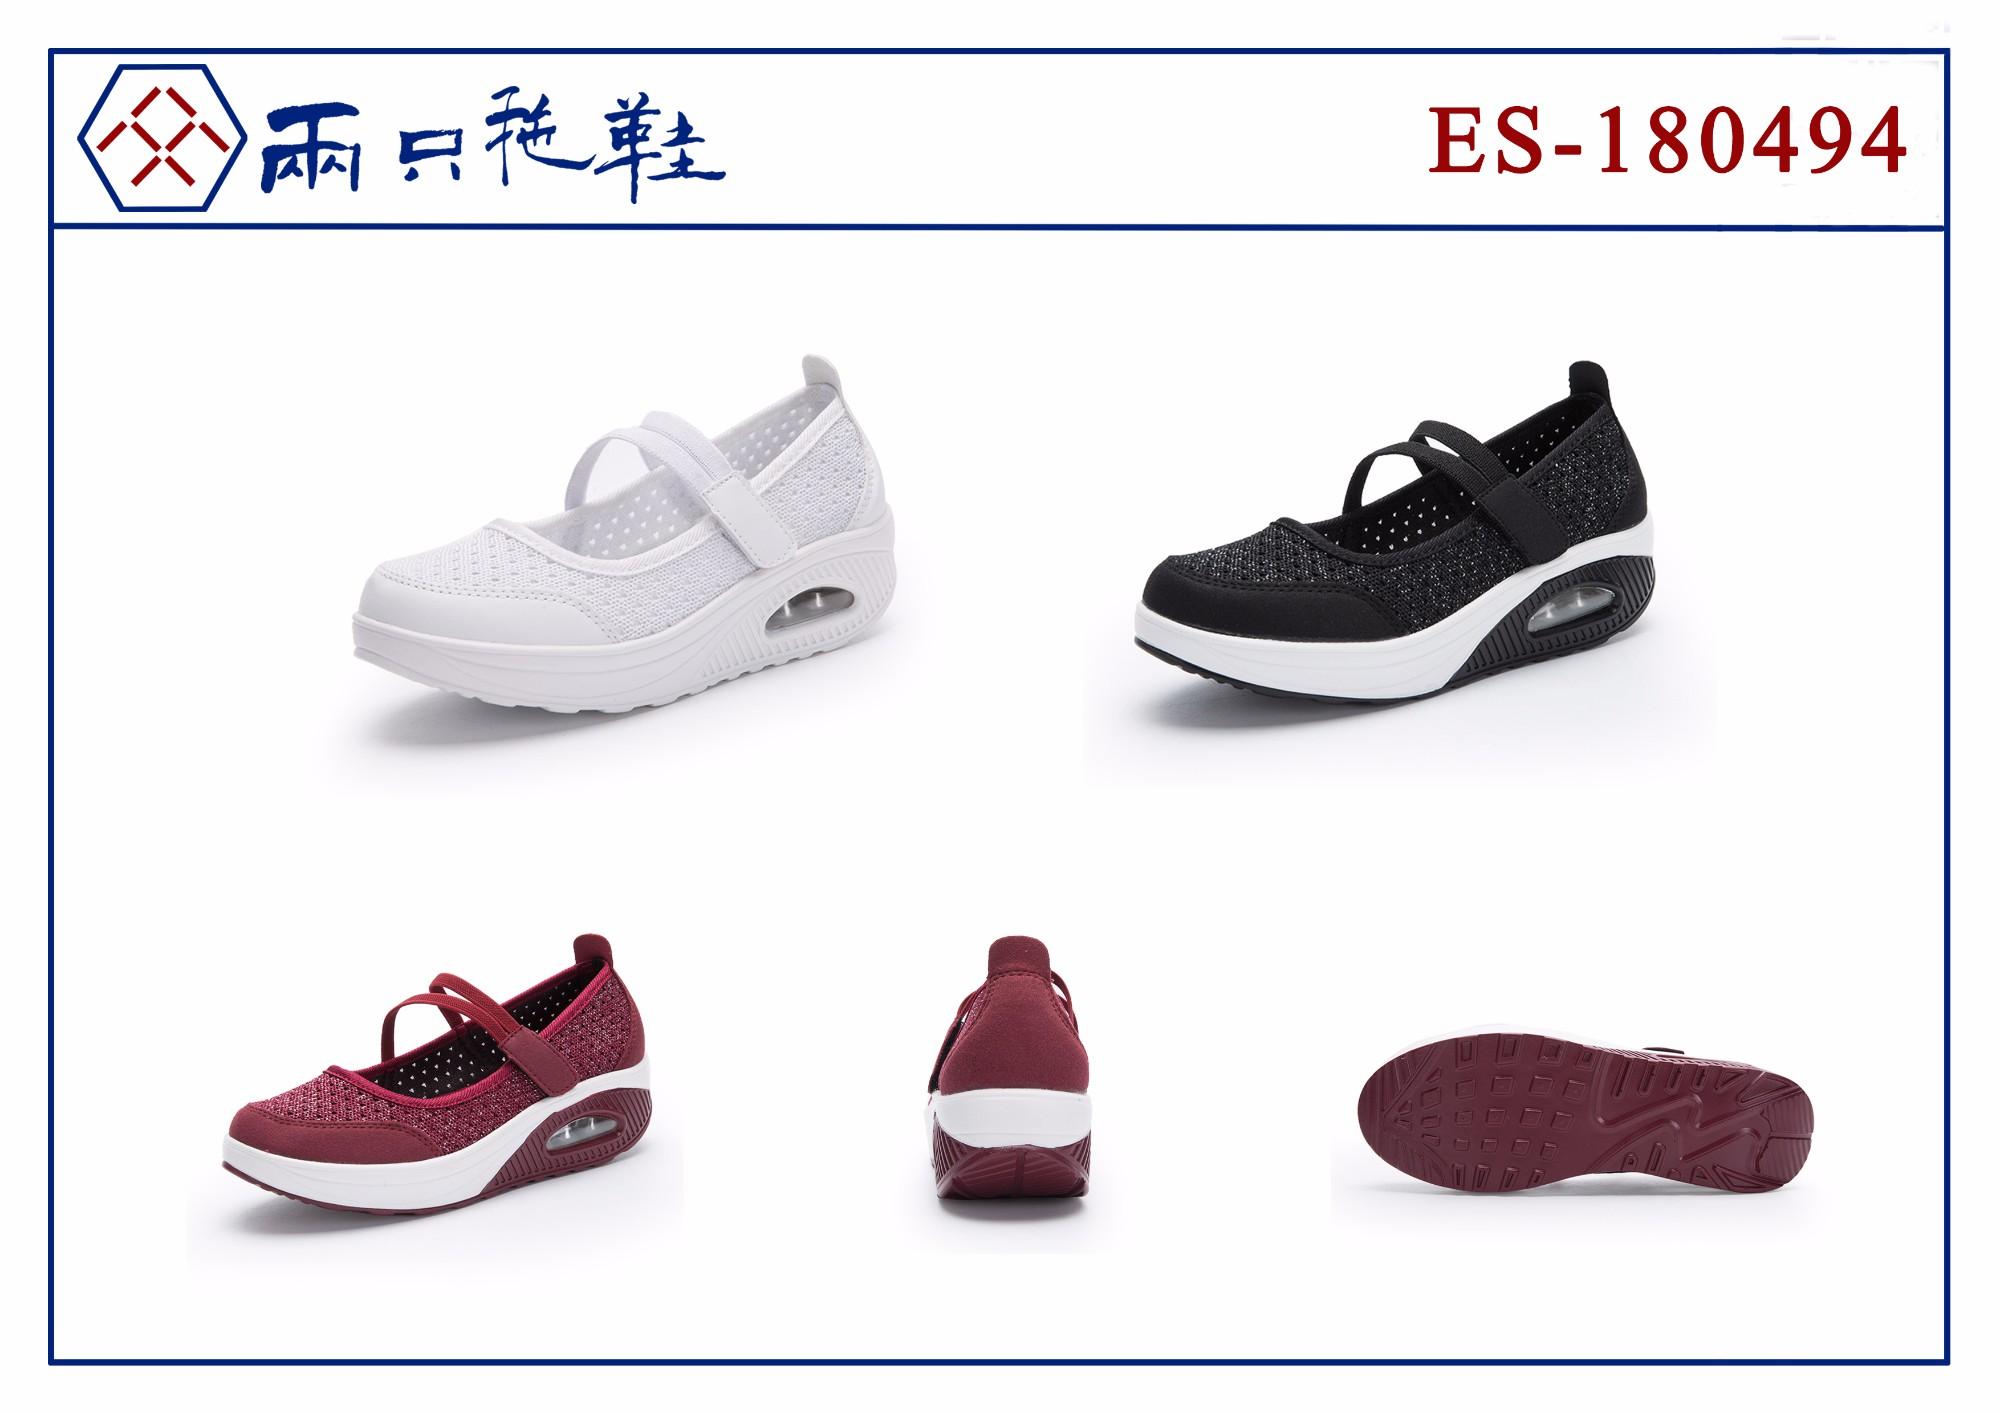 Flyknit Nurse Shoes